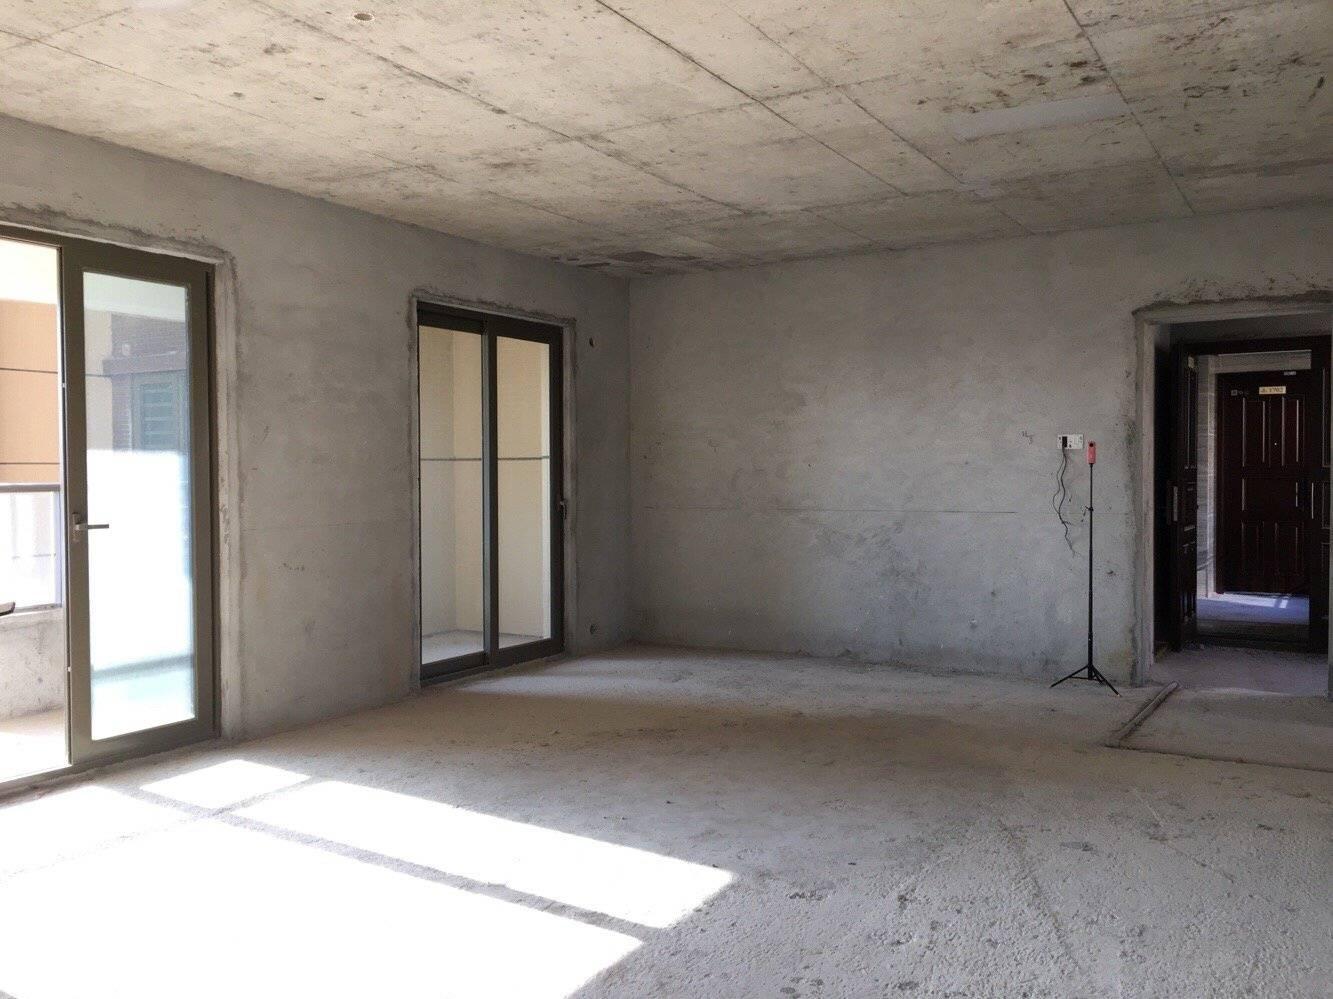 央筑综合体旁 双向客厅望湖景 十米阳台无遮挡